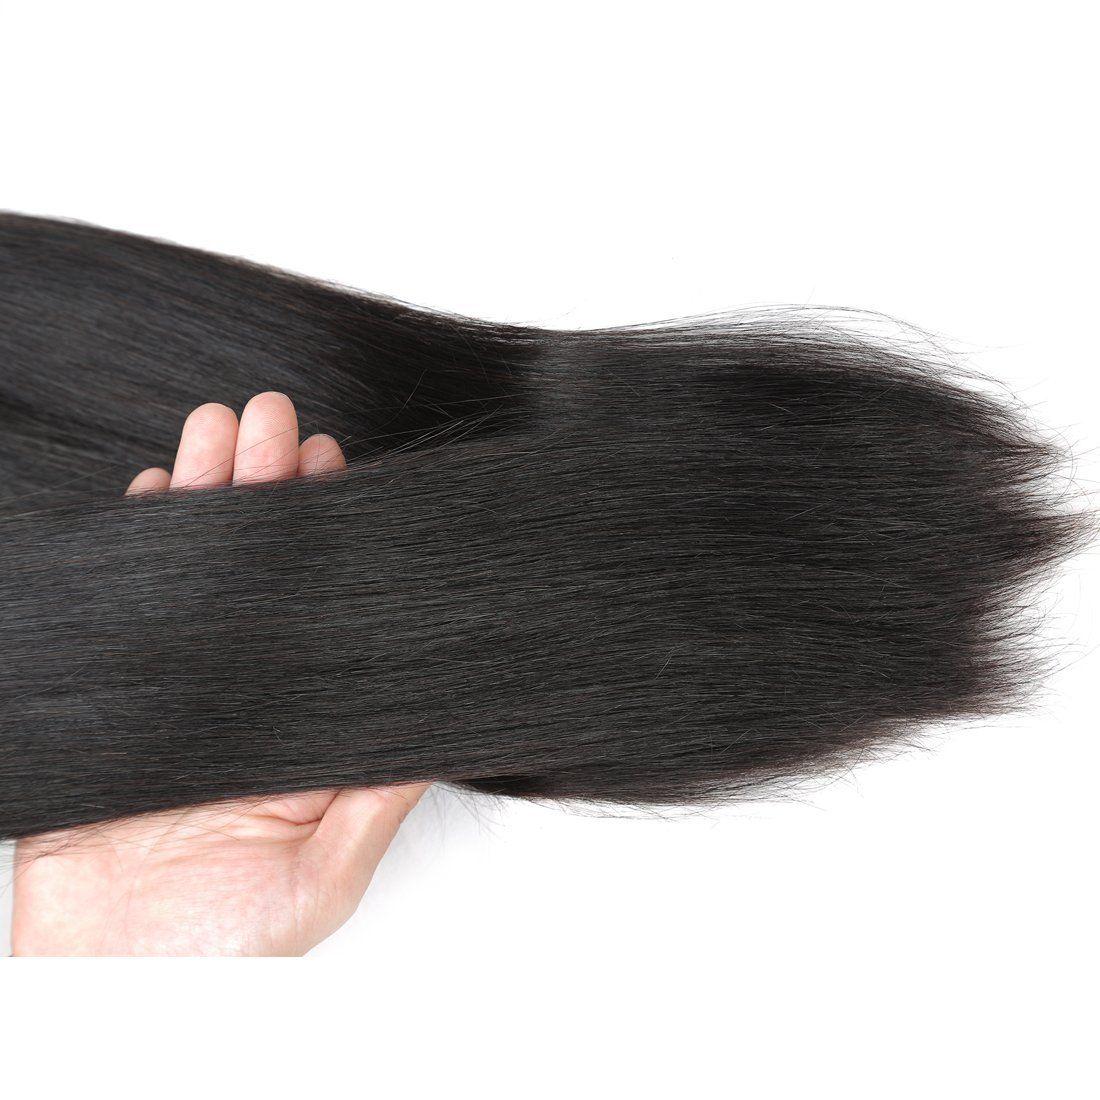 Allove Cheap Peruvian Virgin Hair Straight 3 Bundles Human Hair